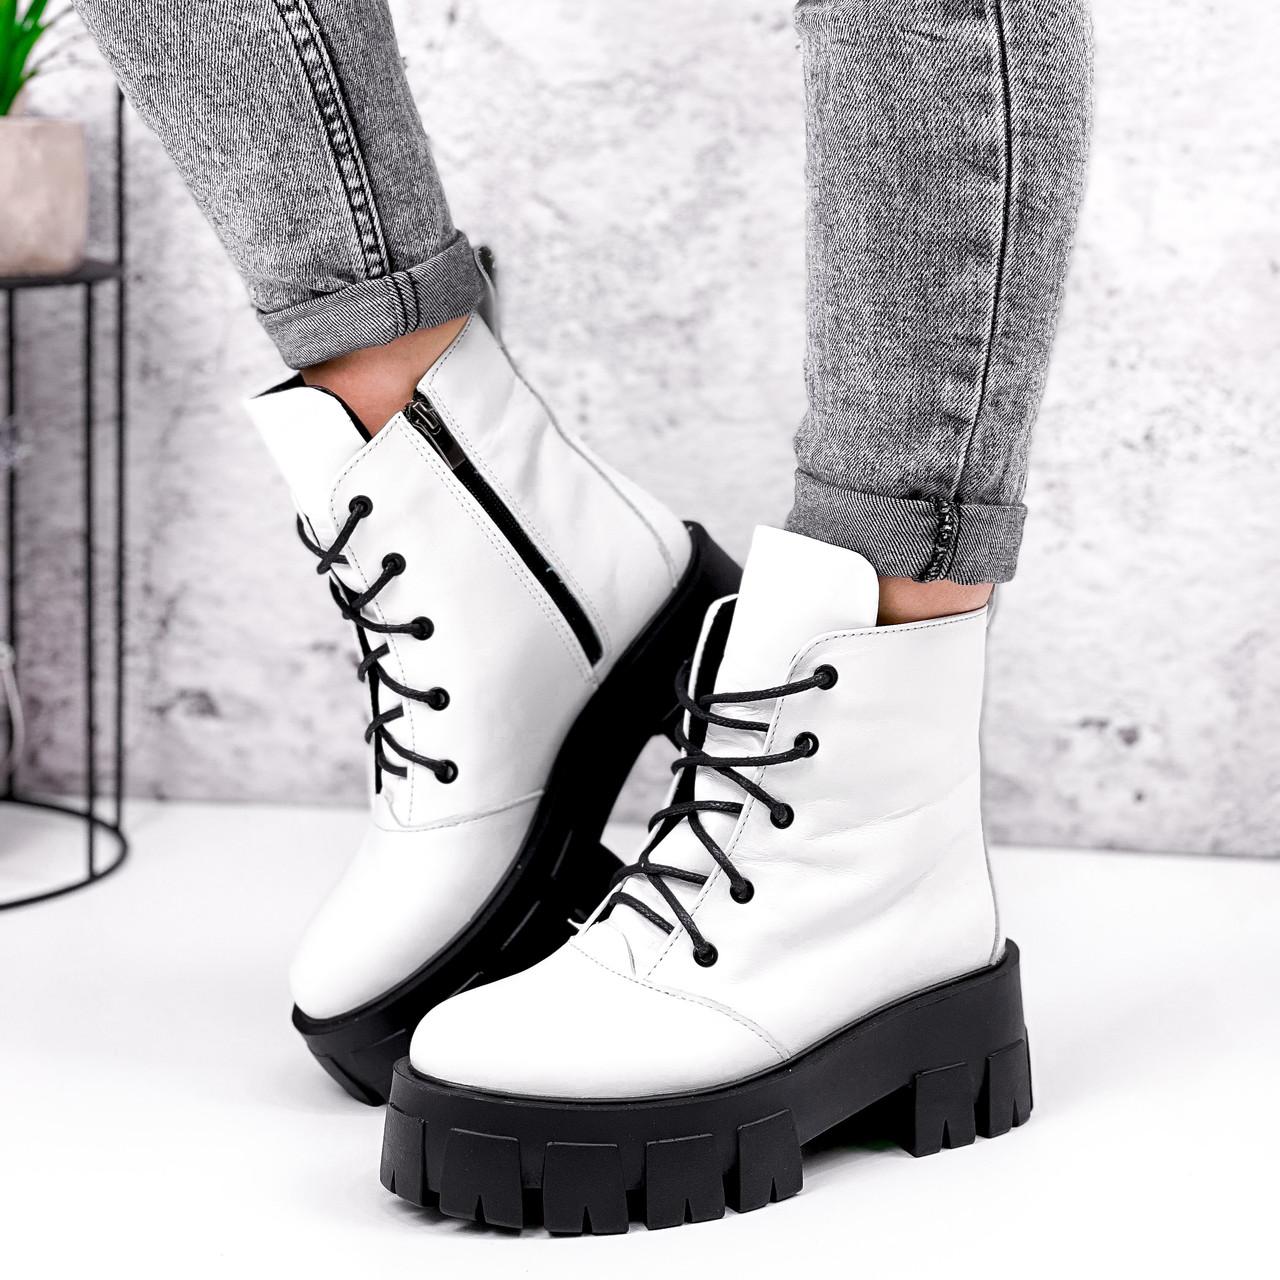 Ботинки женски Dilys белый с черным 2940